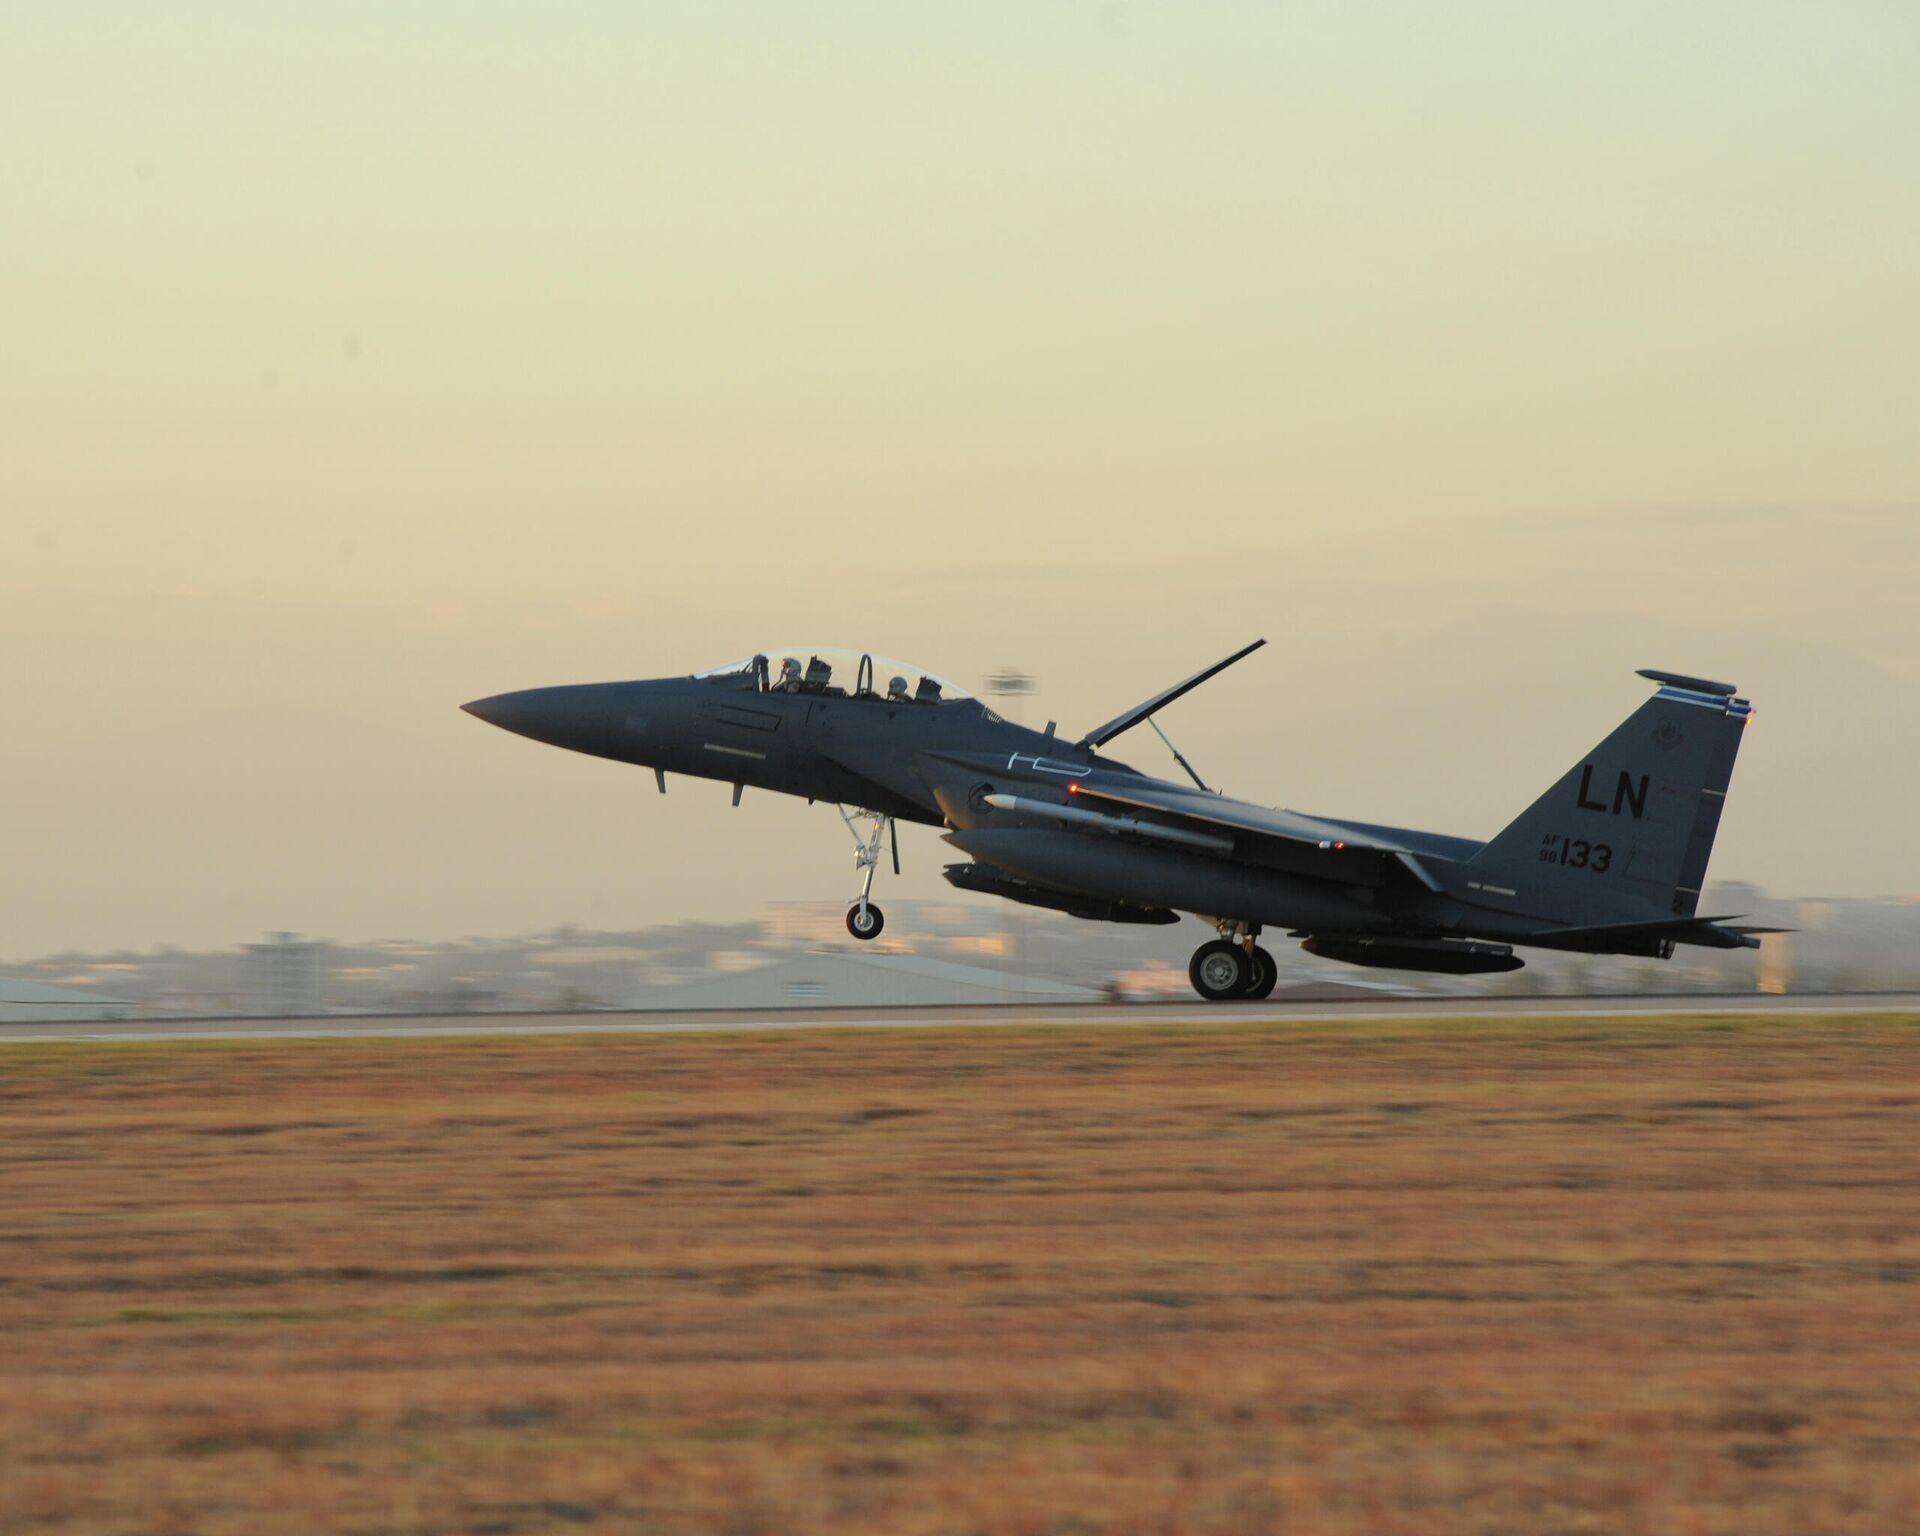 Истребитель ВВС США F-15E Strike Eagle на авиабазе Инджирлик, Турция - РИА Новости, 1920, 27.11.2020